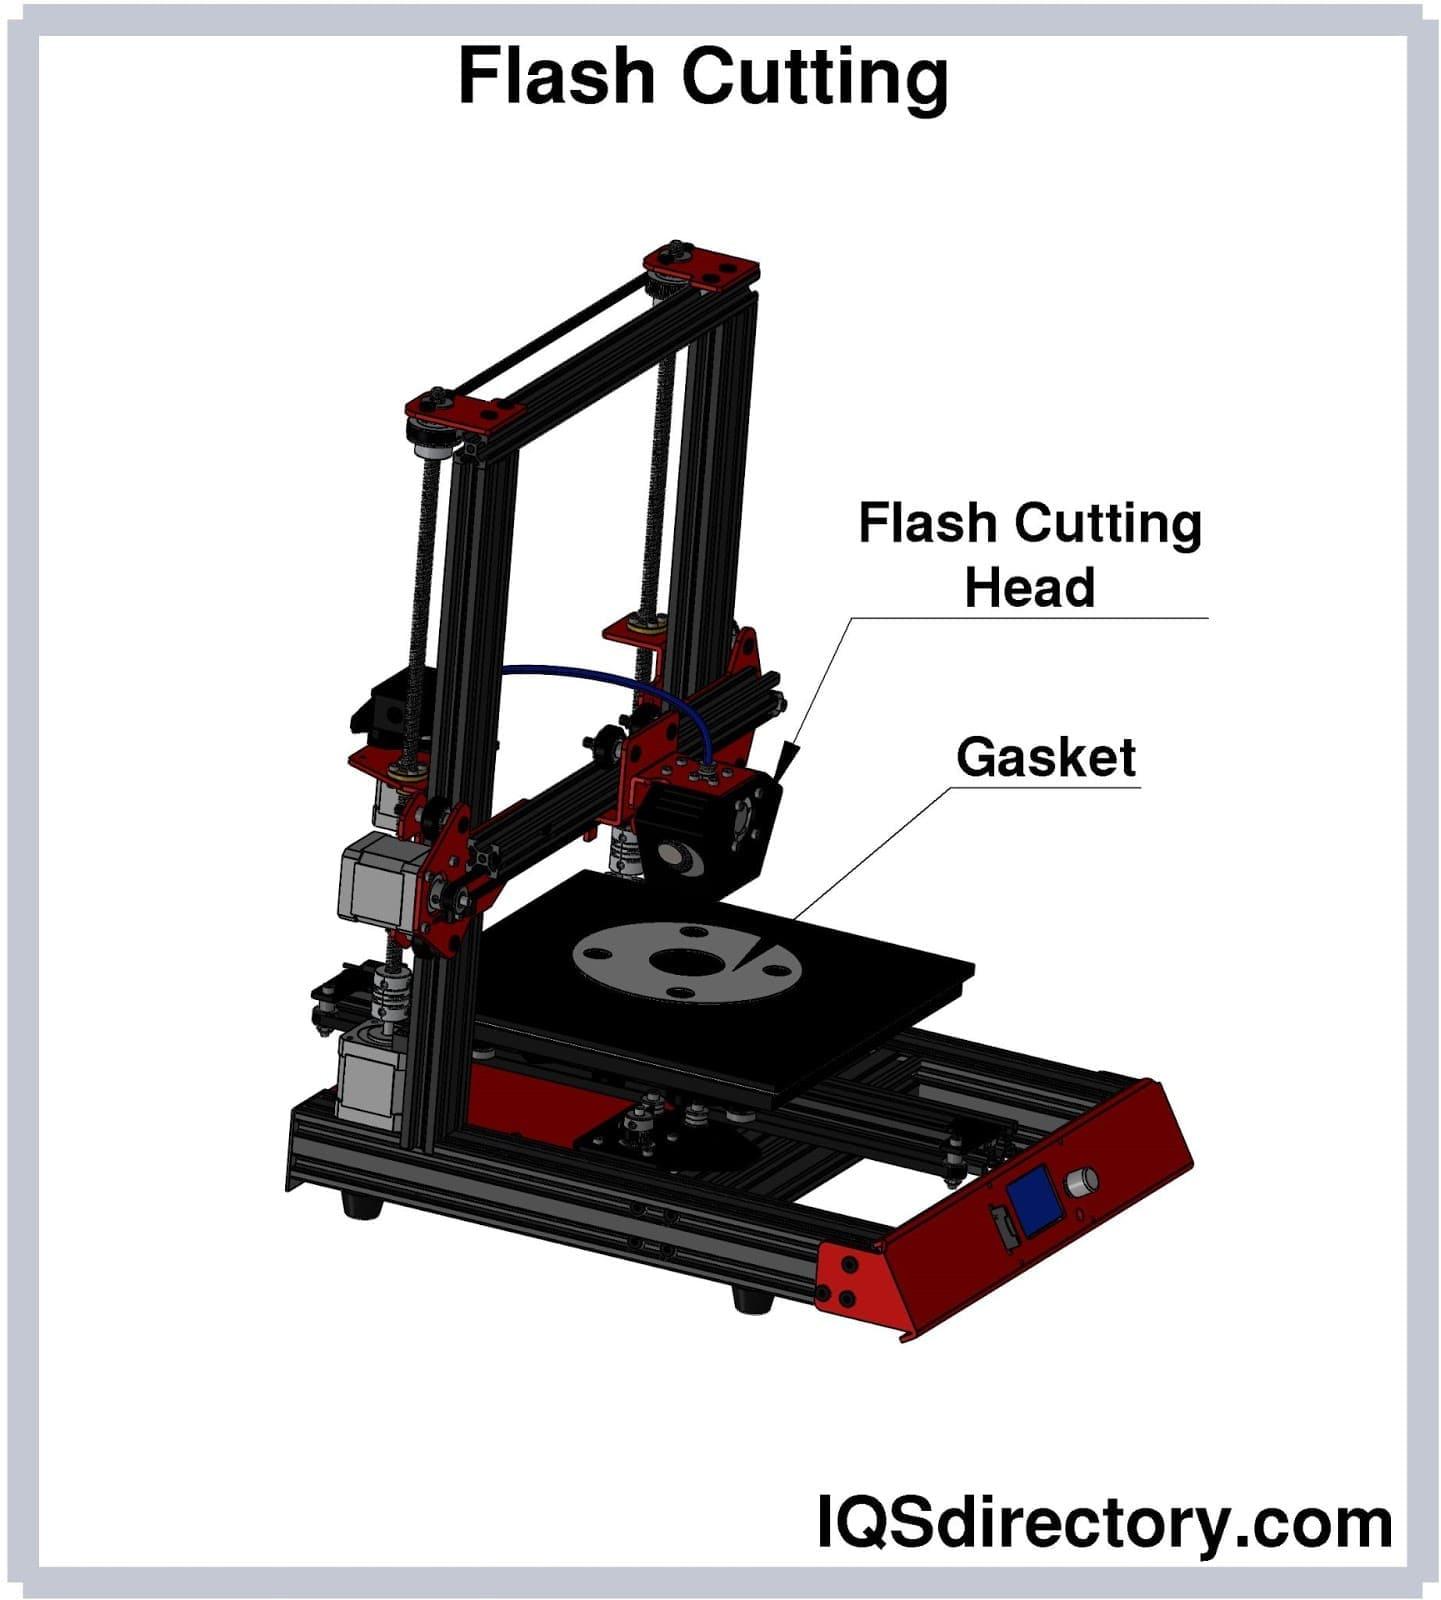 Flash Cutting